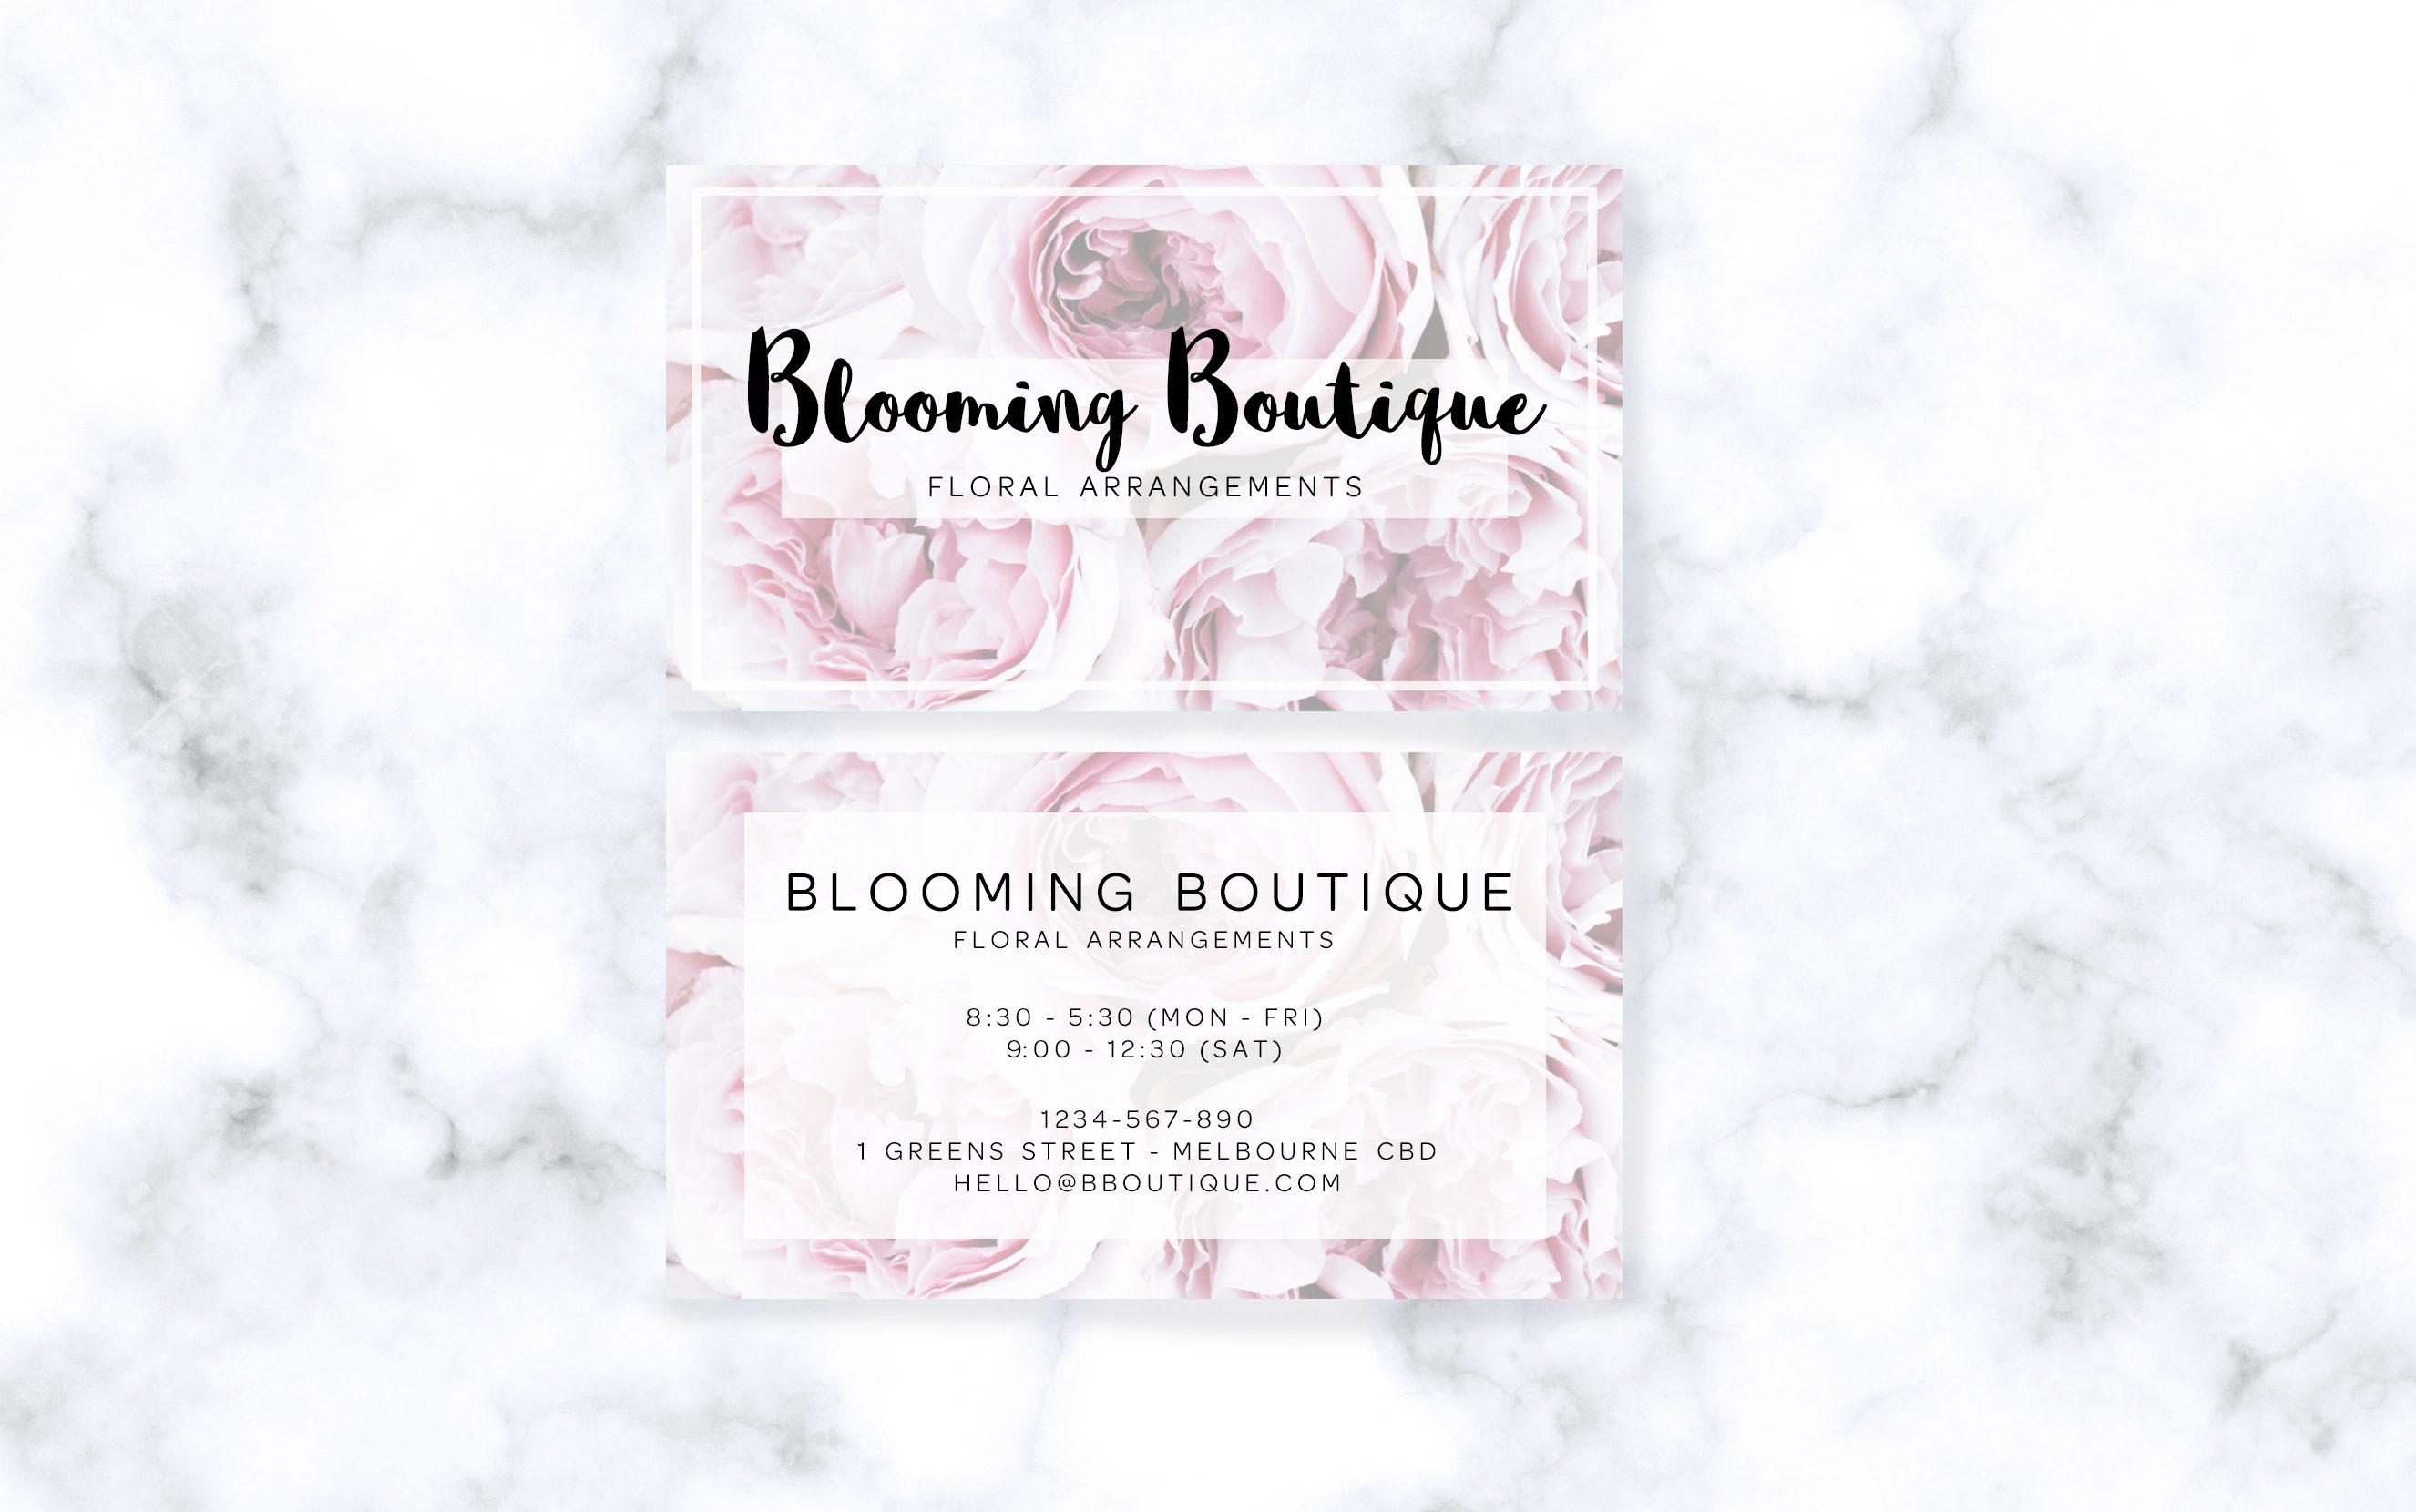 Pastel Floral Business Cards - Digital Download